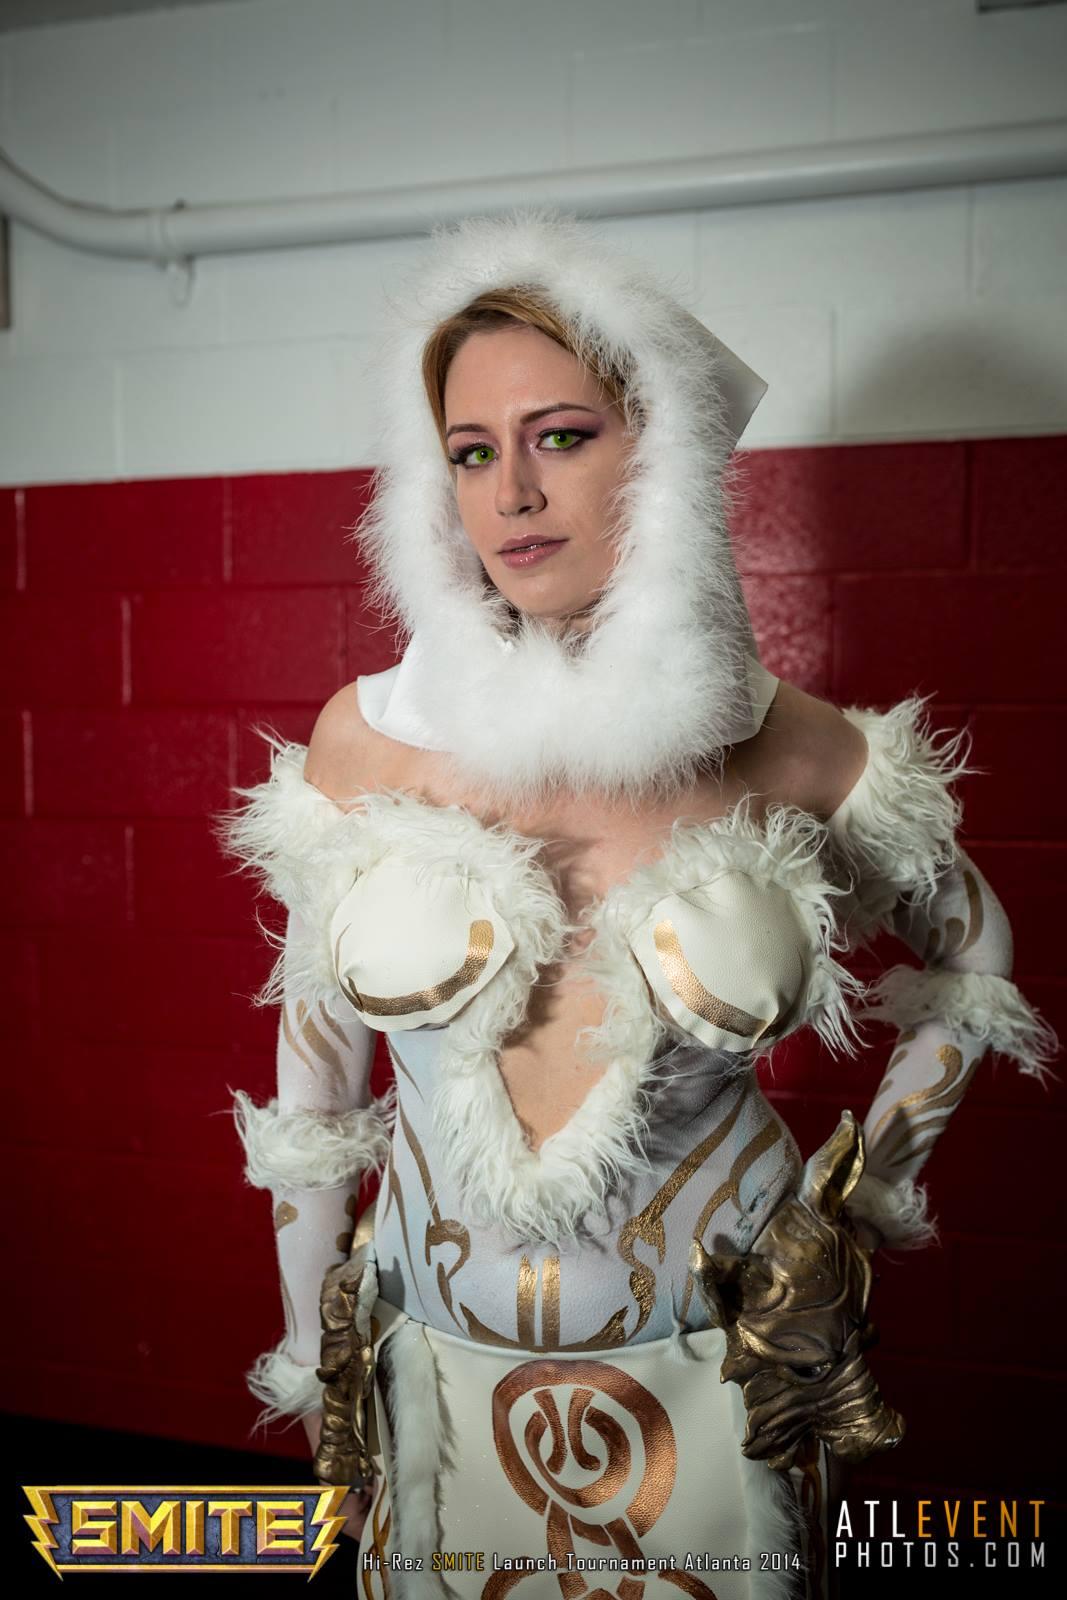 Ngắm cosplay tại SMITE Launch Tournament - Ảnh 110